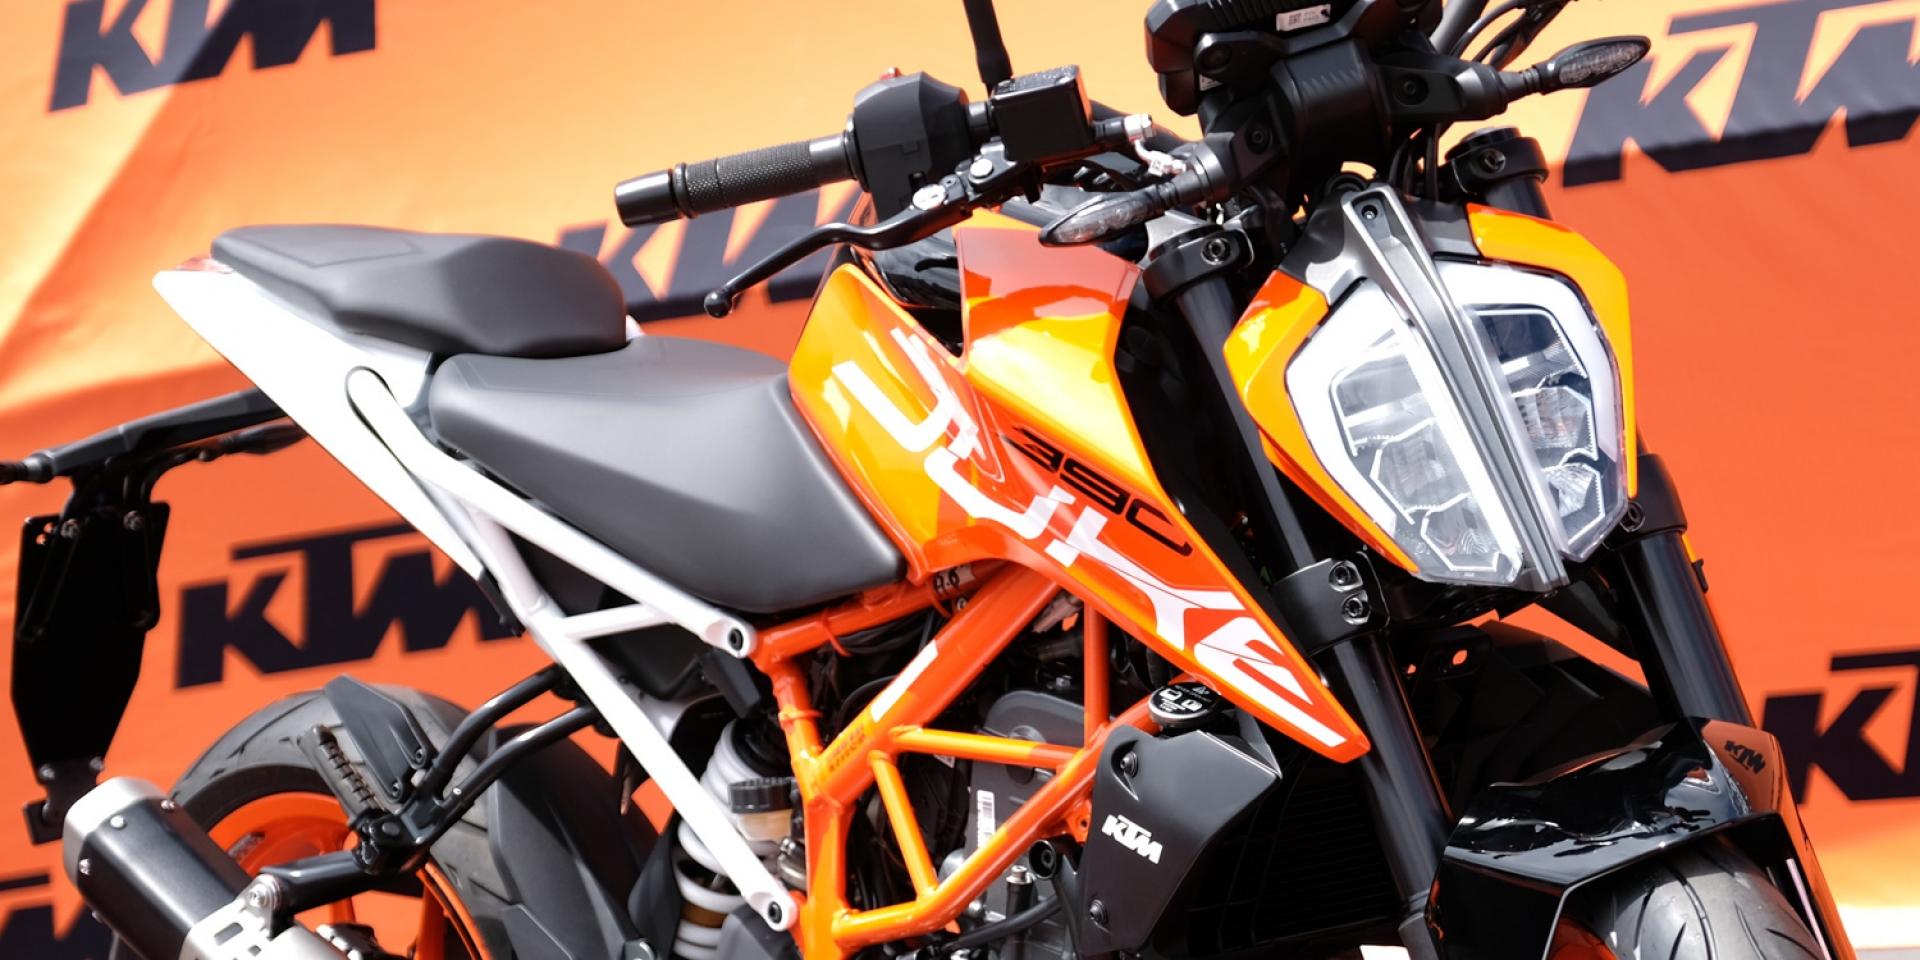 2017年式全新KTM 390DUKE 、RC390強勢登台。首屆KTM DUKEHANA金卡納活動圓滿落幕